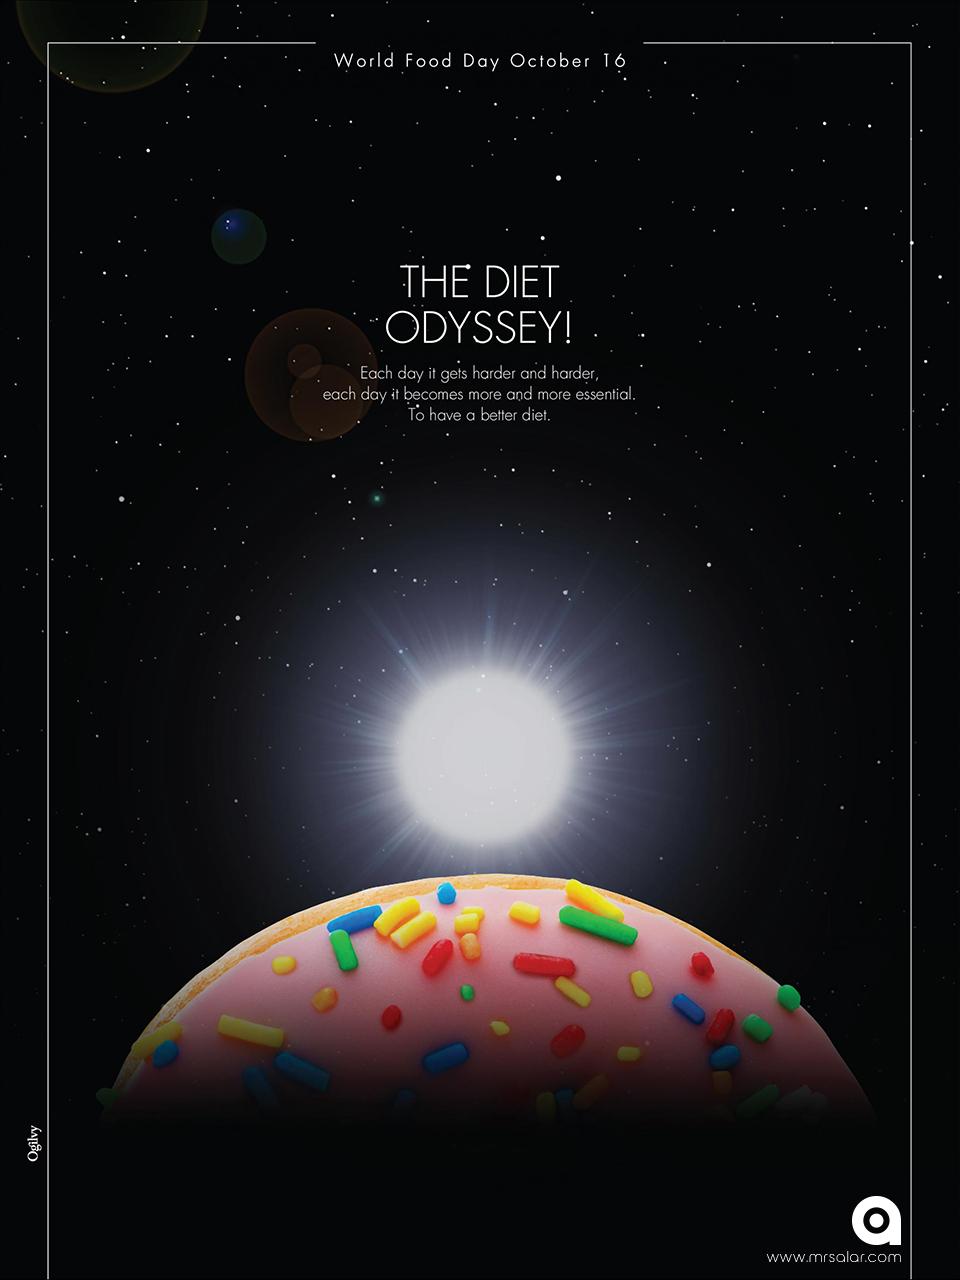 تصویر تبلیغاتی روز جهانی غذا: دونات